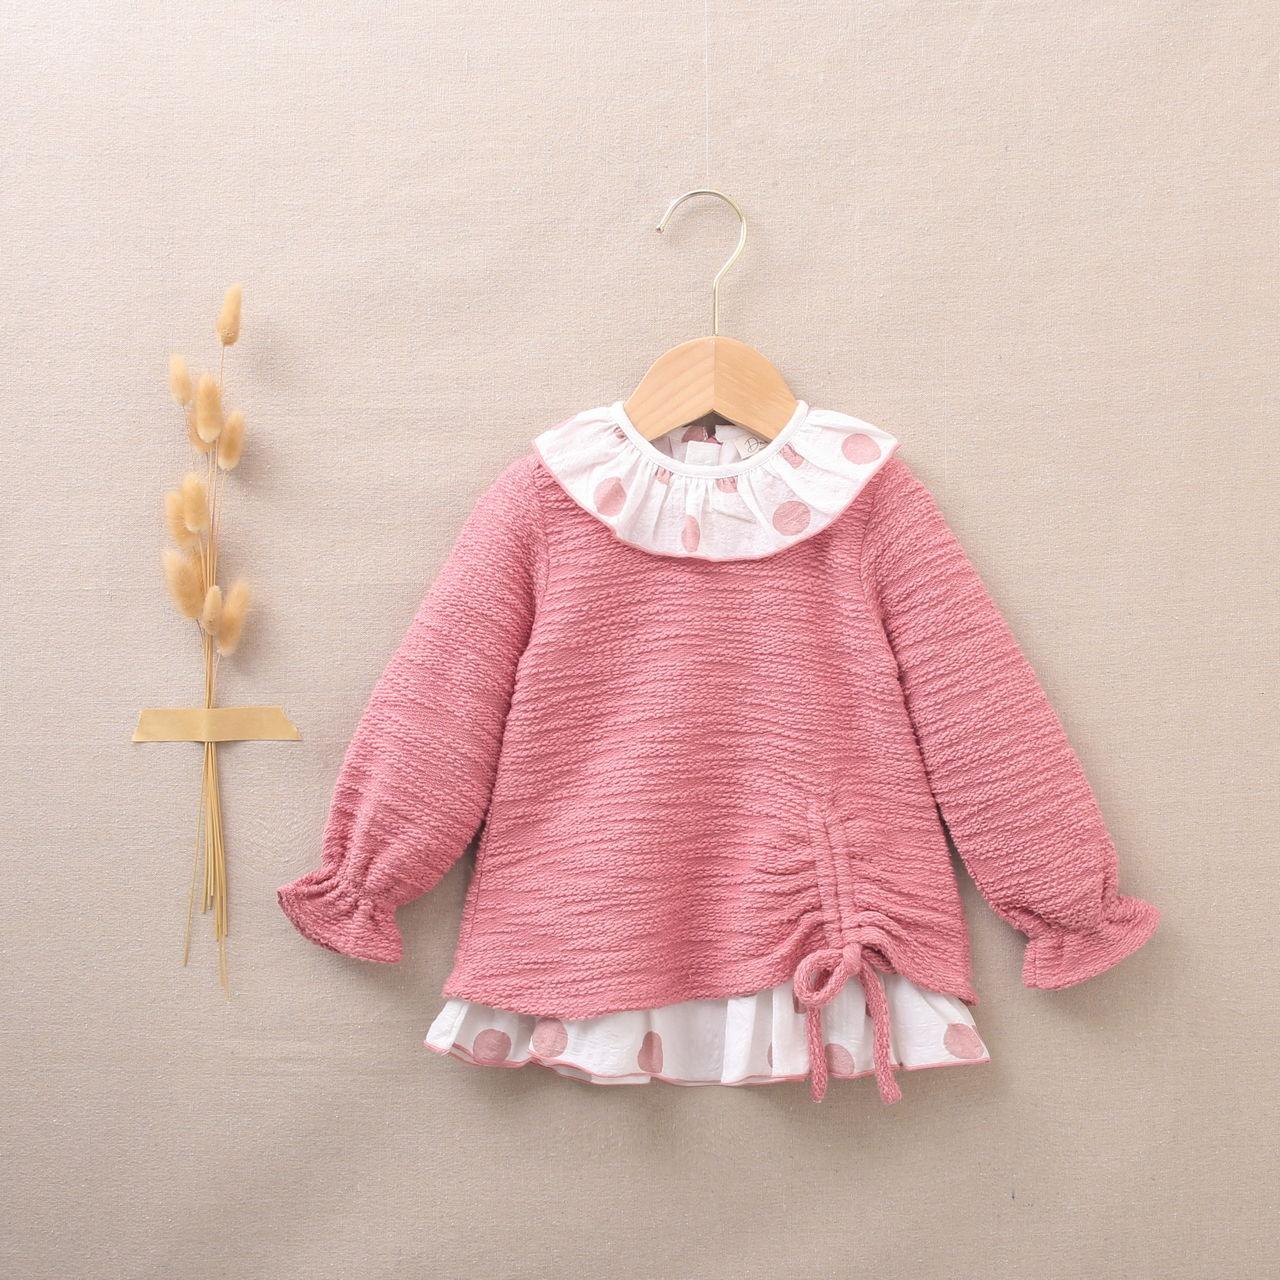 Imagen de Vestido de bebé niña rosa felpa textura combinado con lunares